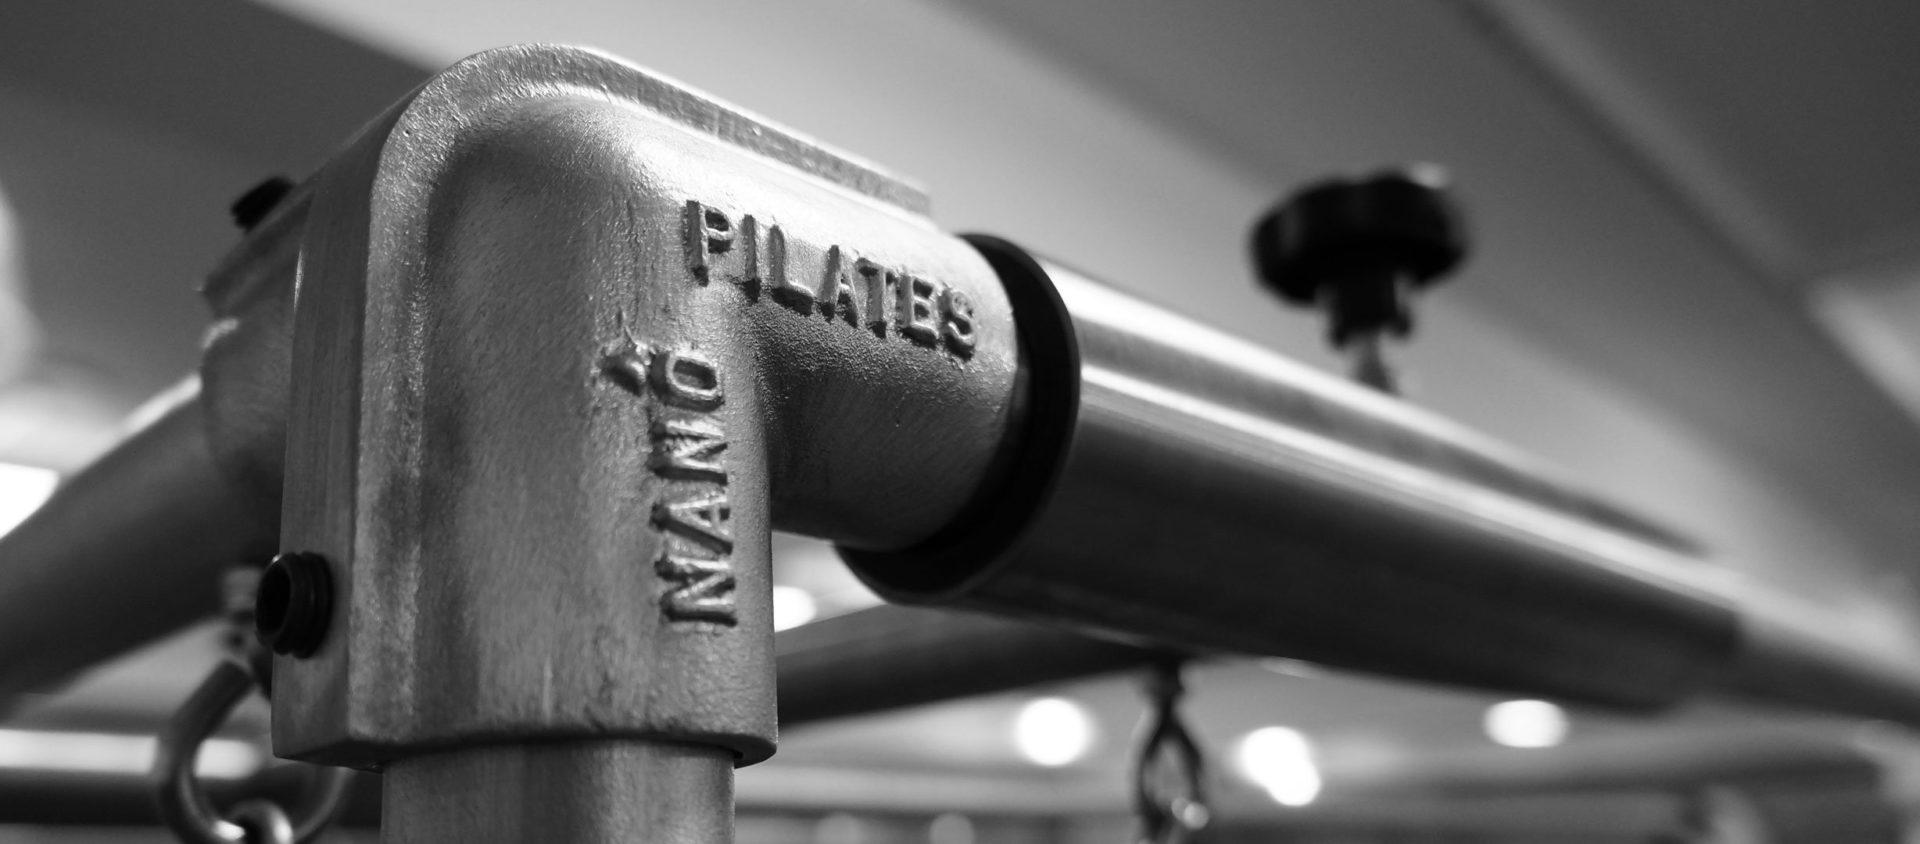 Detalhe do aparelho de pilates cadillac